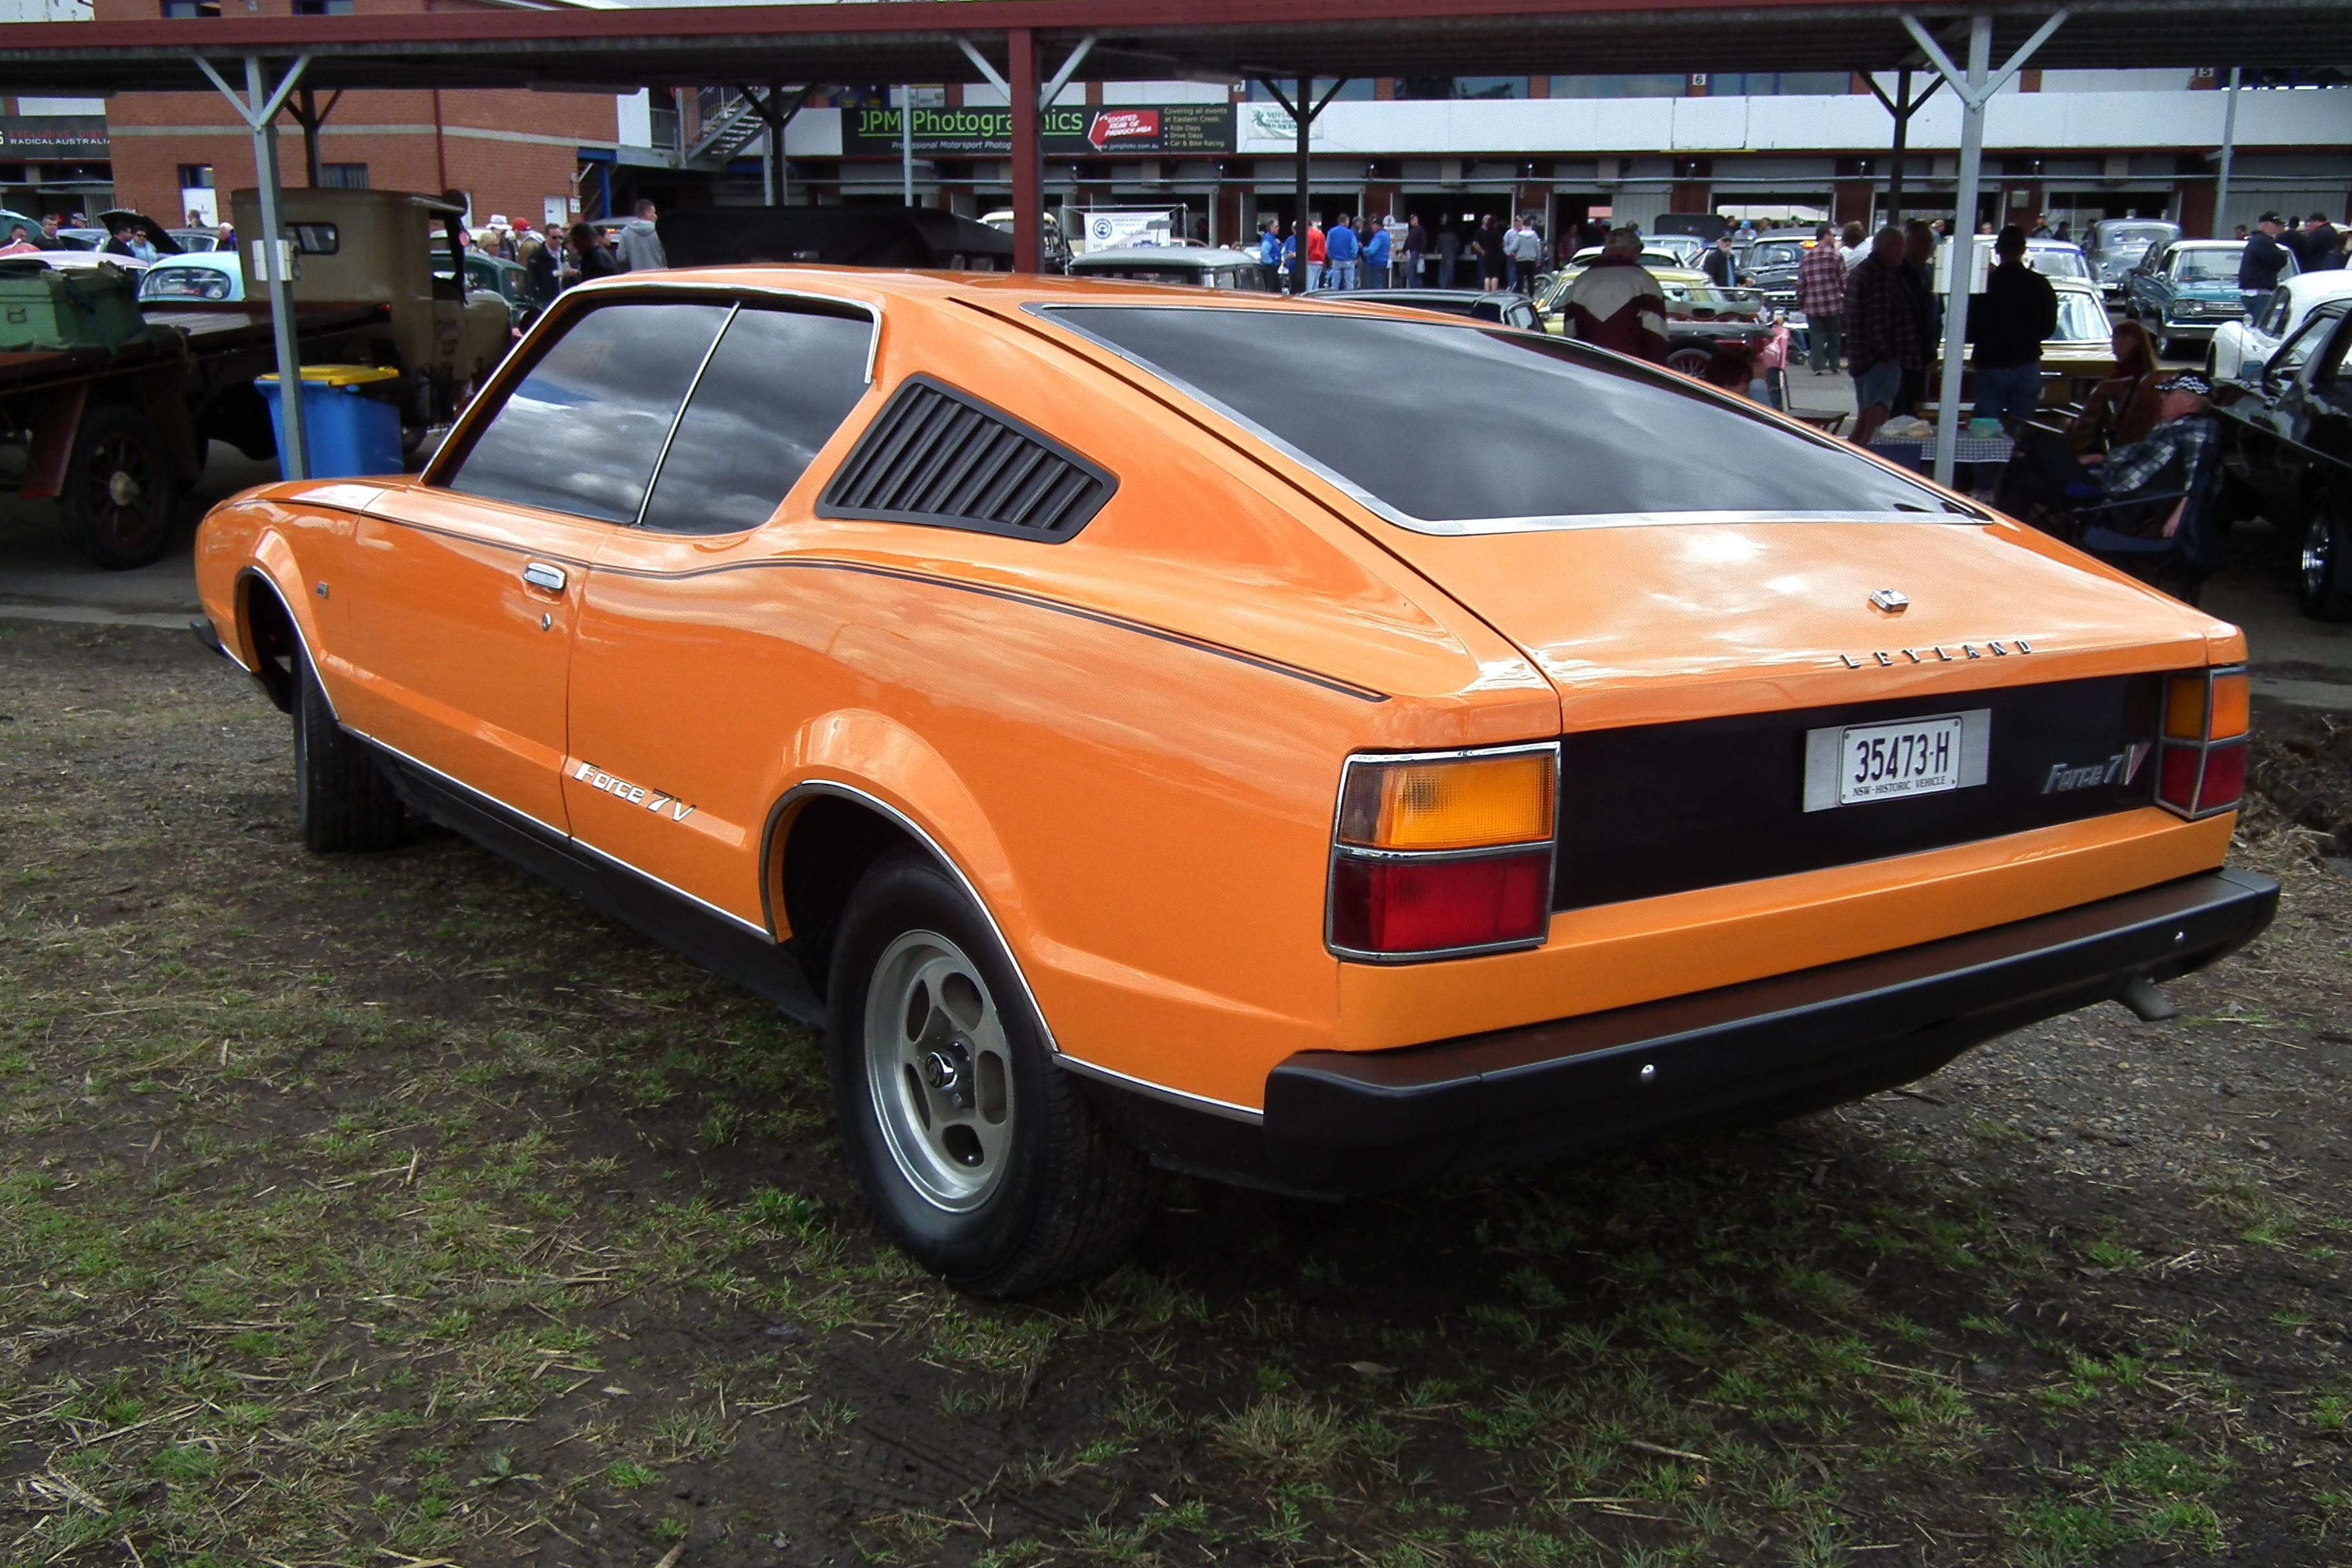 1974_Leyland_Force_7V_coupe_(6108225099)